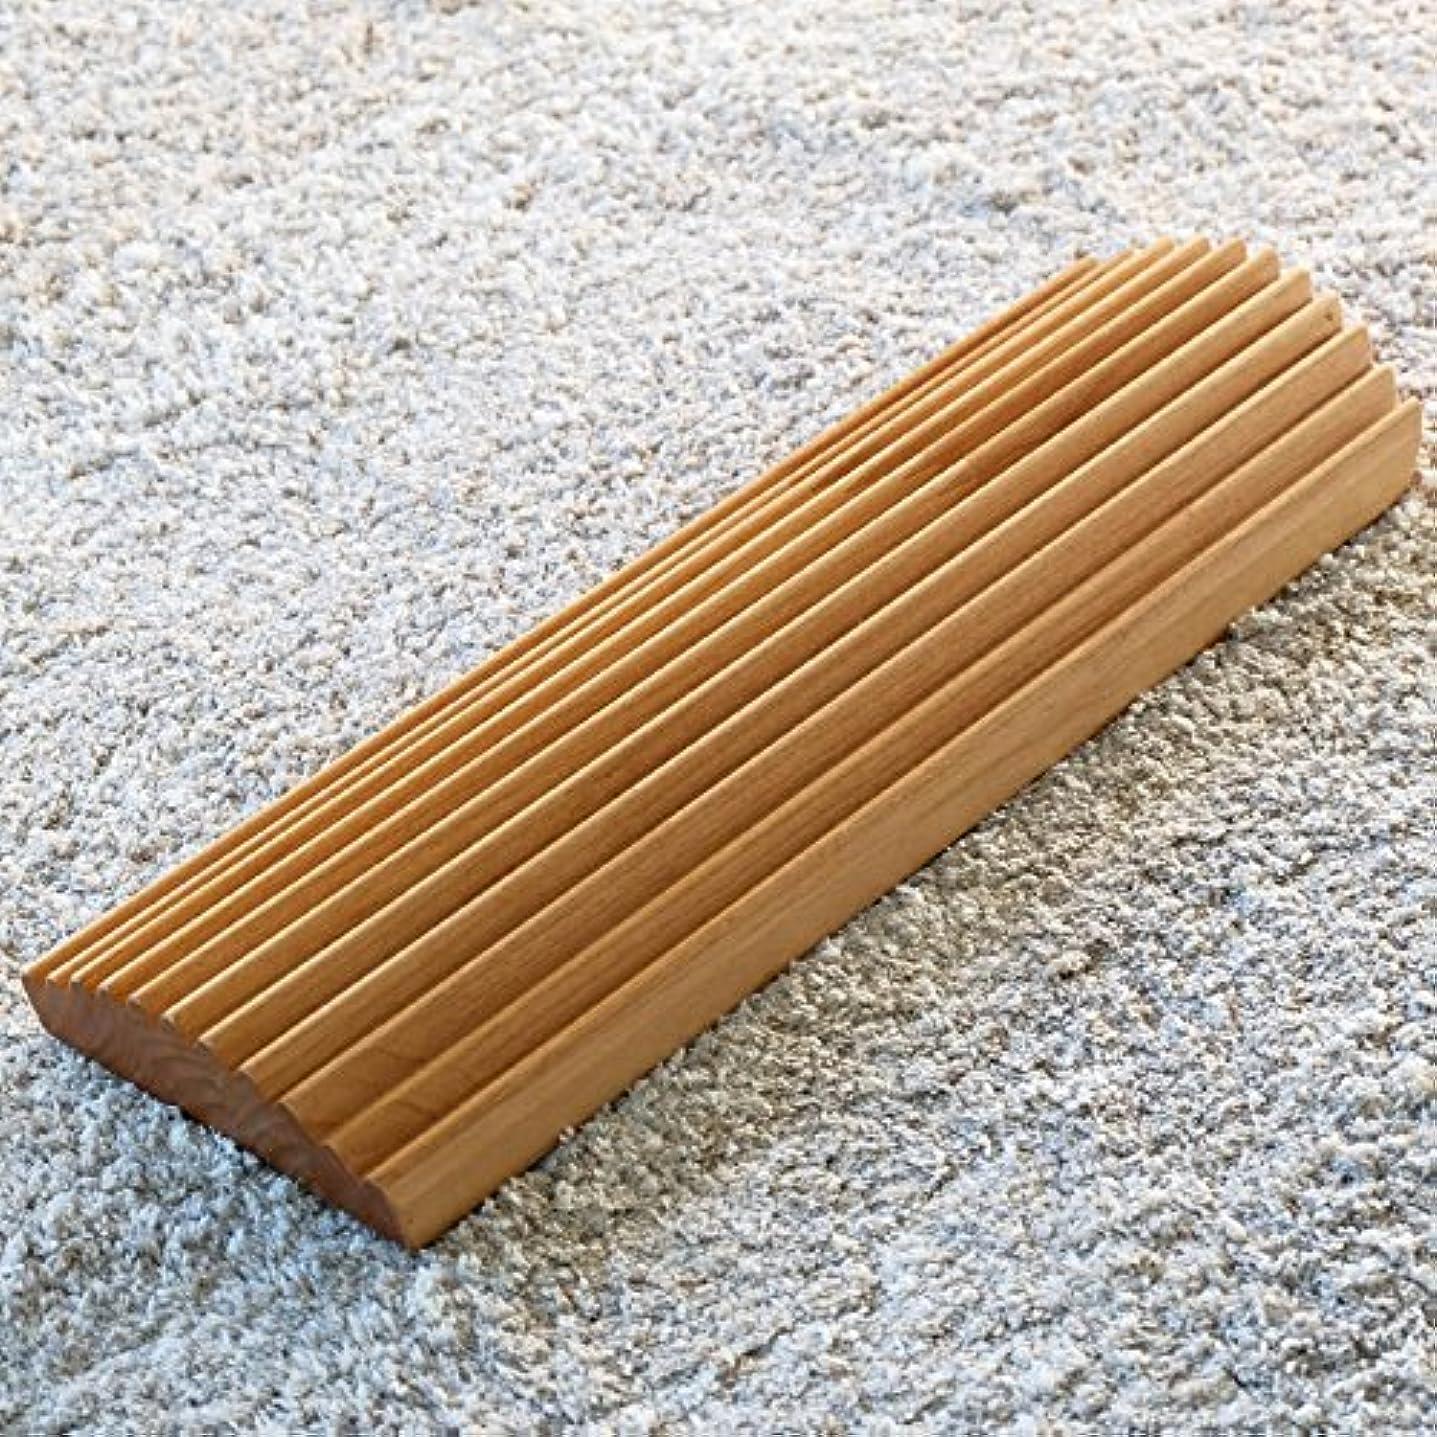 健康的試してみる夢中ISSEIKI 足踏み アルダー材 幅40cm FIT ASIFUMI 40 (NA) フットケア 木製 おしゃれ プレゼント 指圧代用 FIT ASIFUMI 40 (AL-NA)